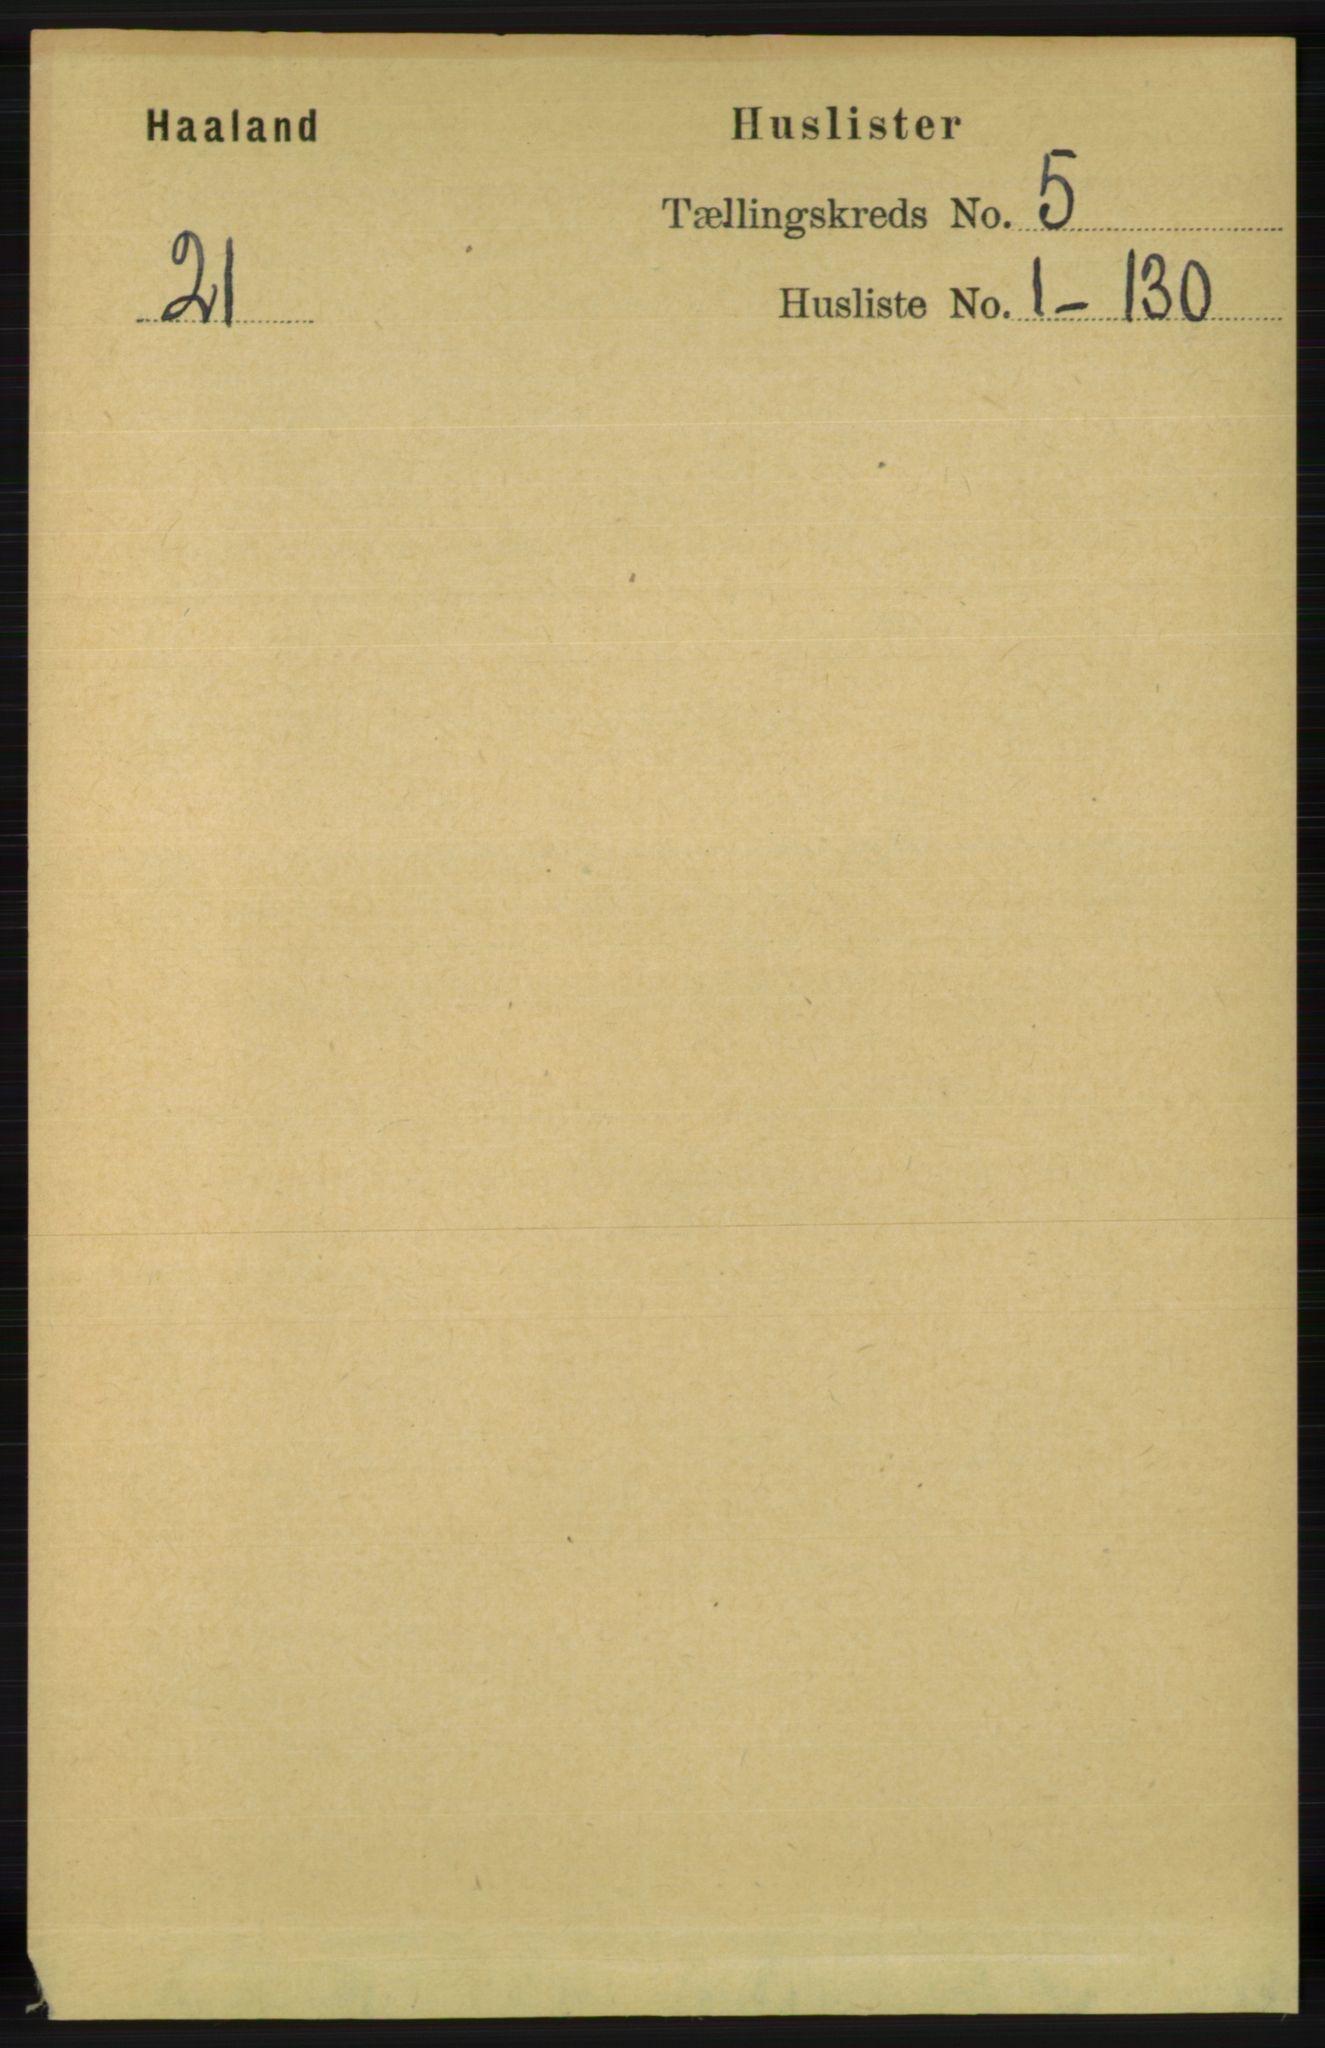 RA, Folketelling 1891 for 1124 Haaland herred, 1891, s. 3161